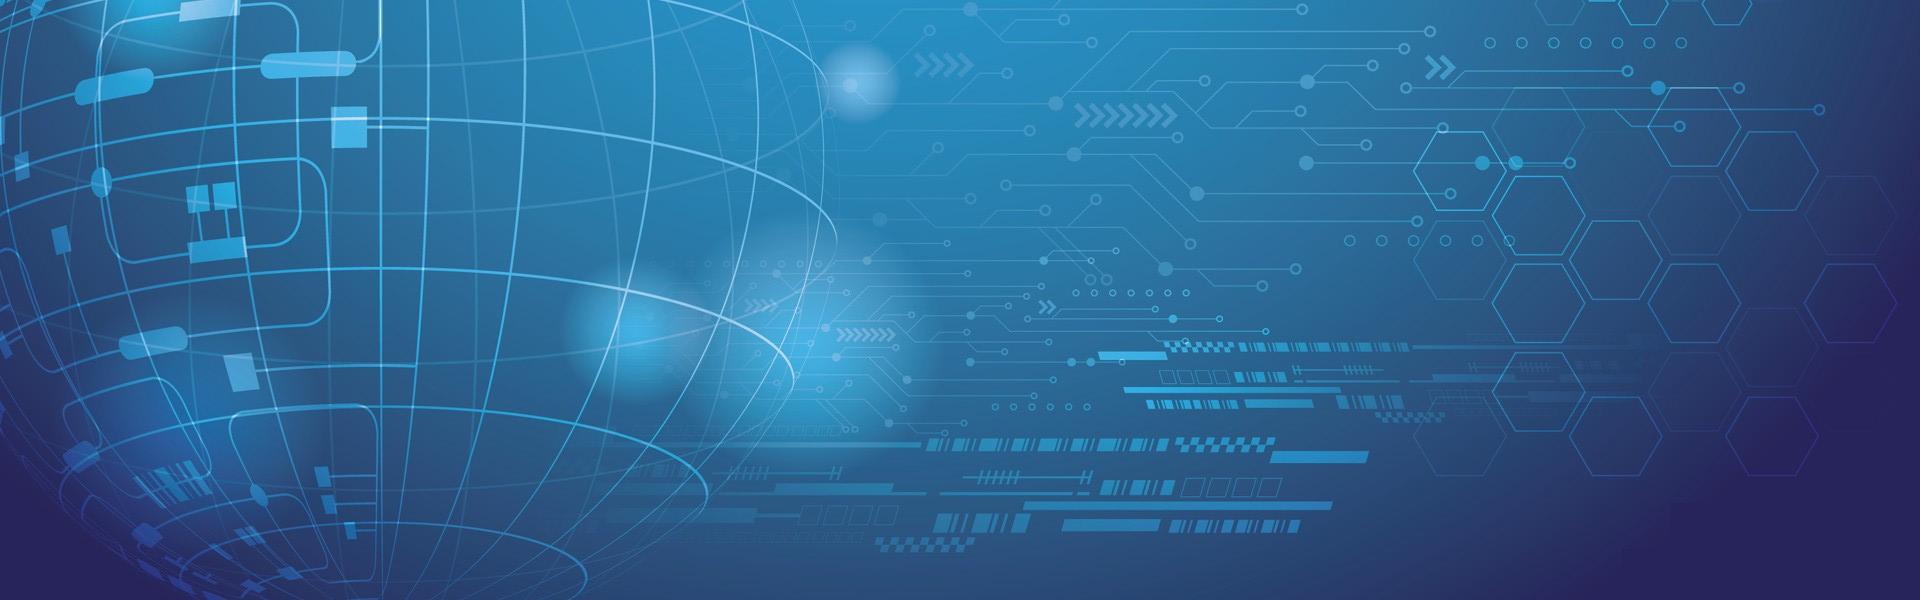 SSC Descriptive Online Coaching (CGL, CHSL & MTS) banner